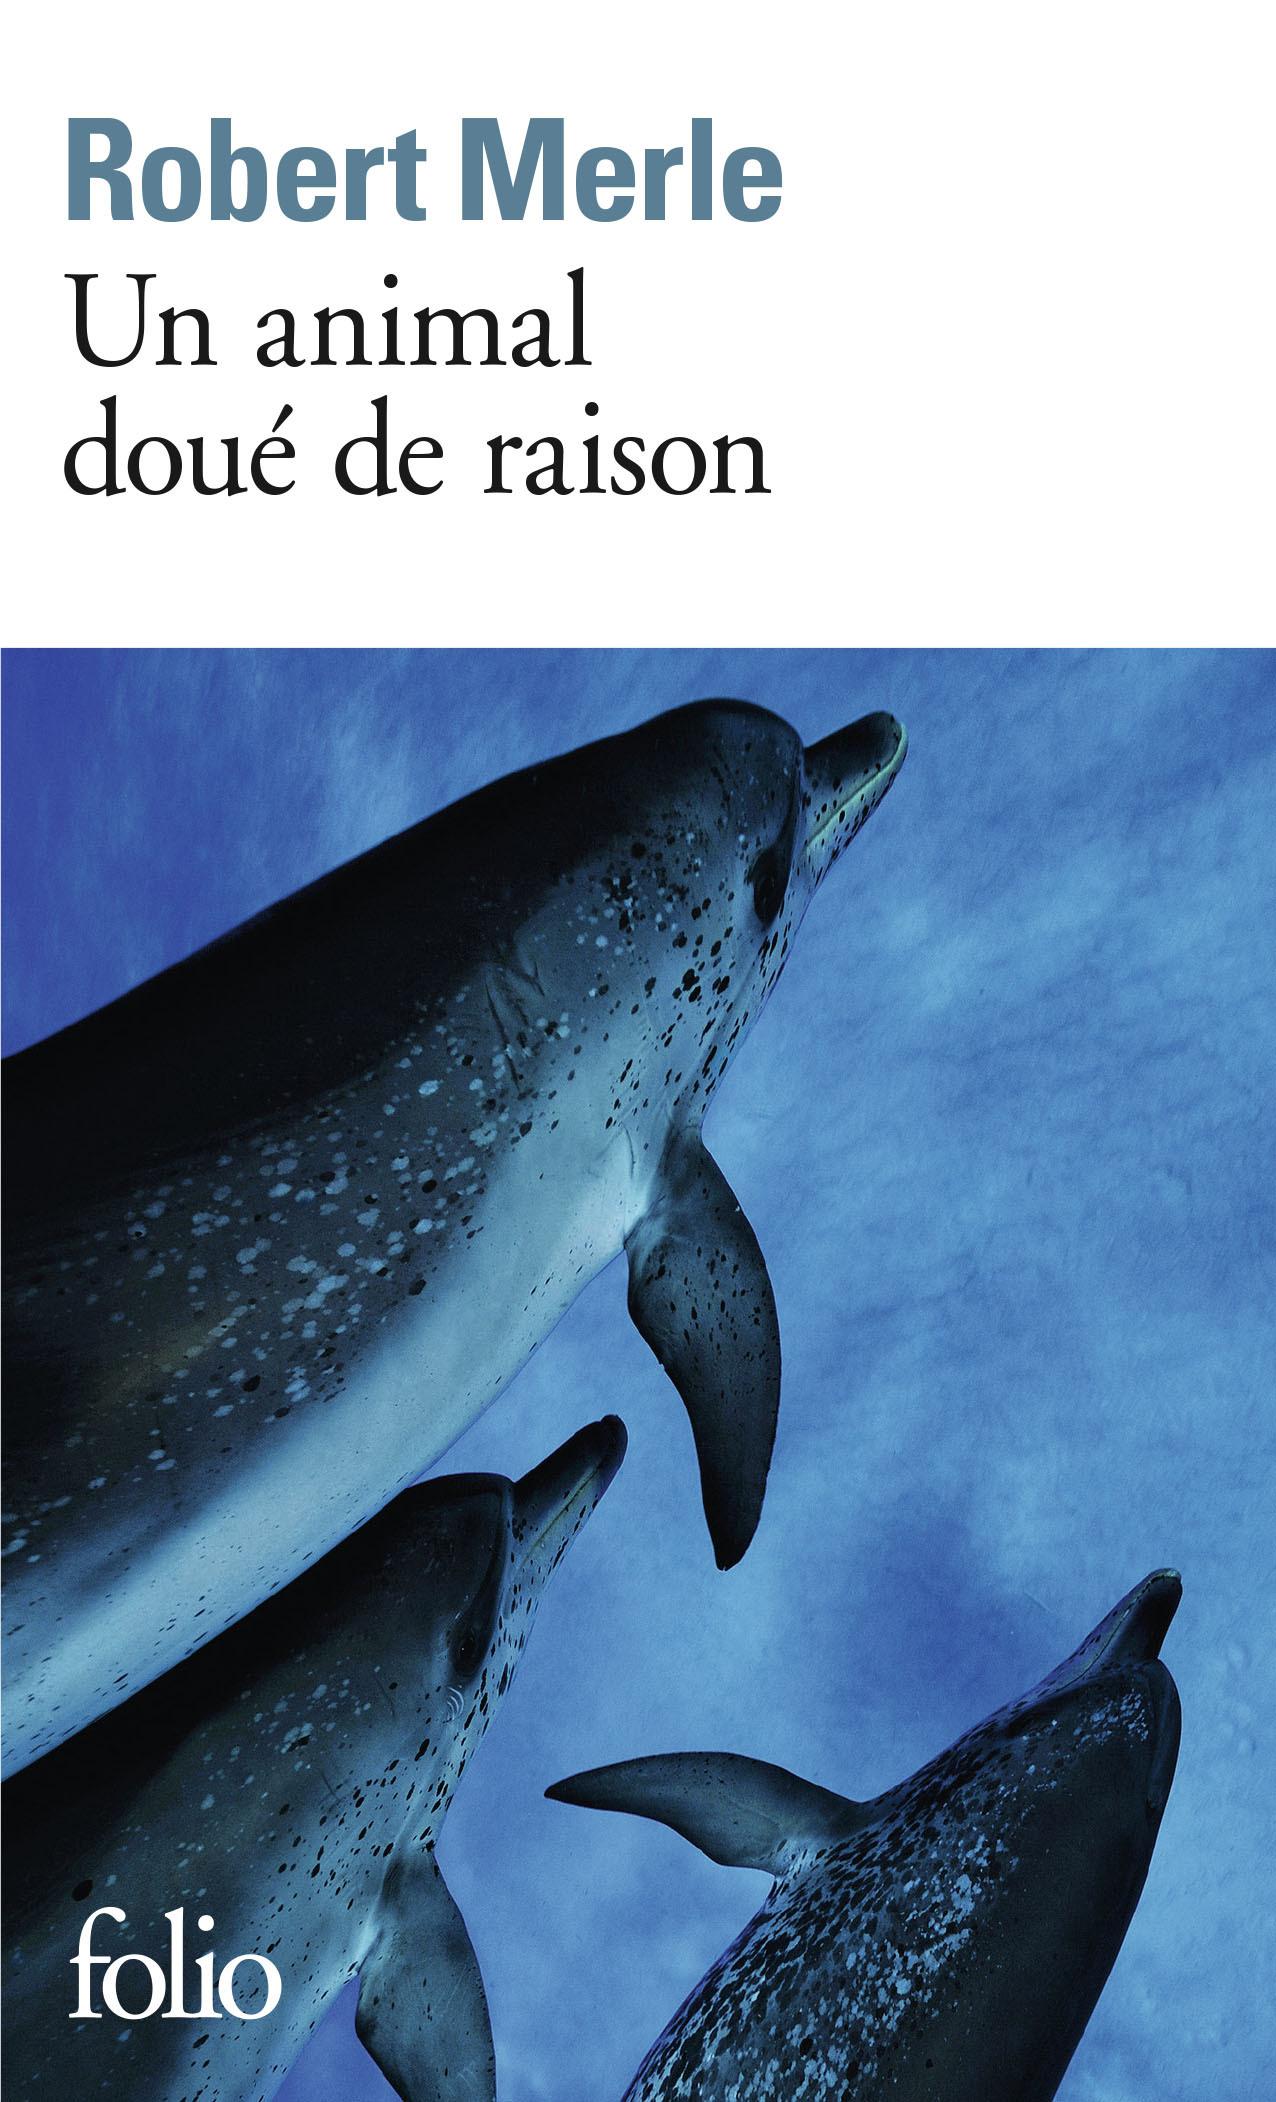 UN ANIMAL DOUE DE RAISON